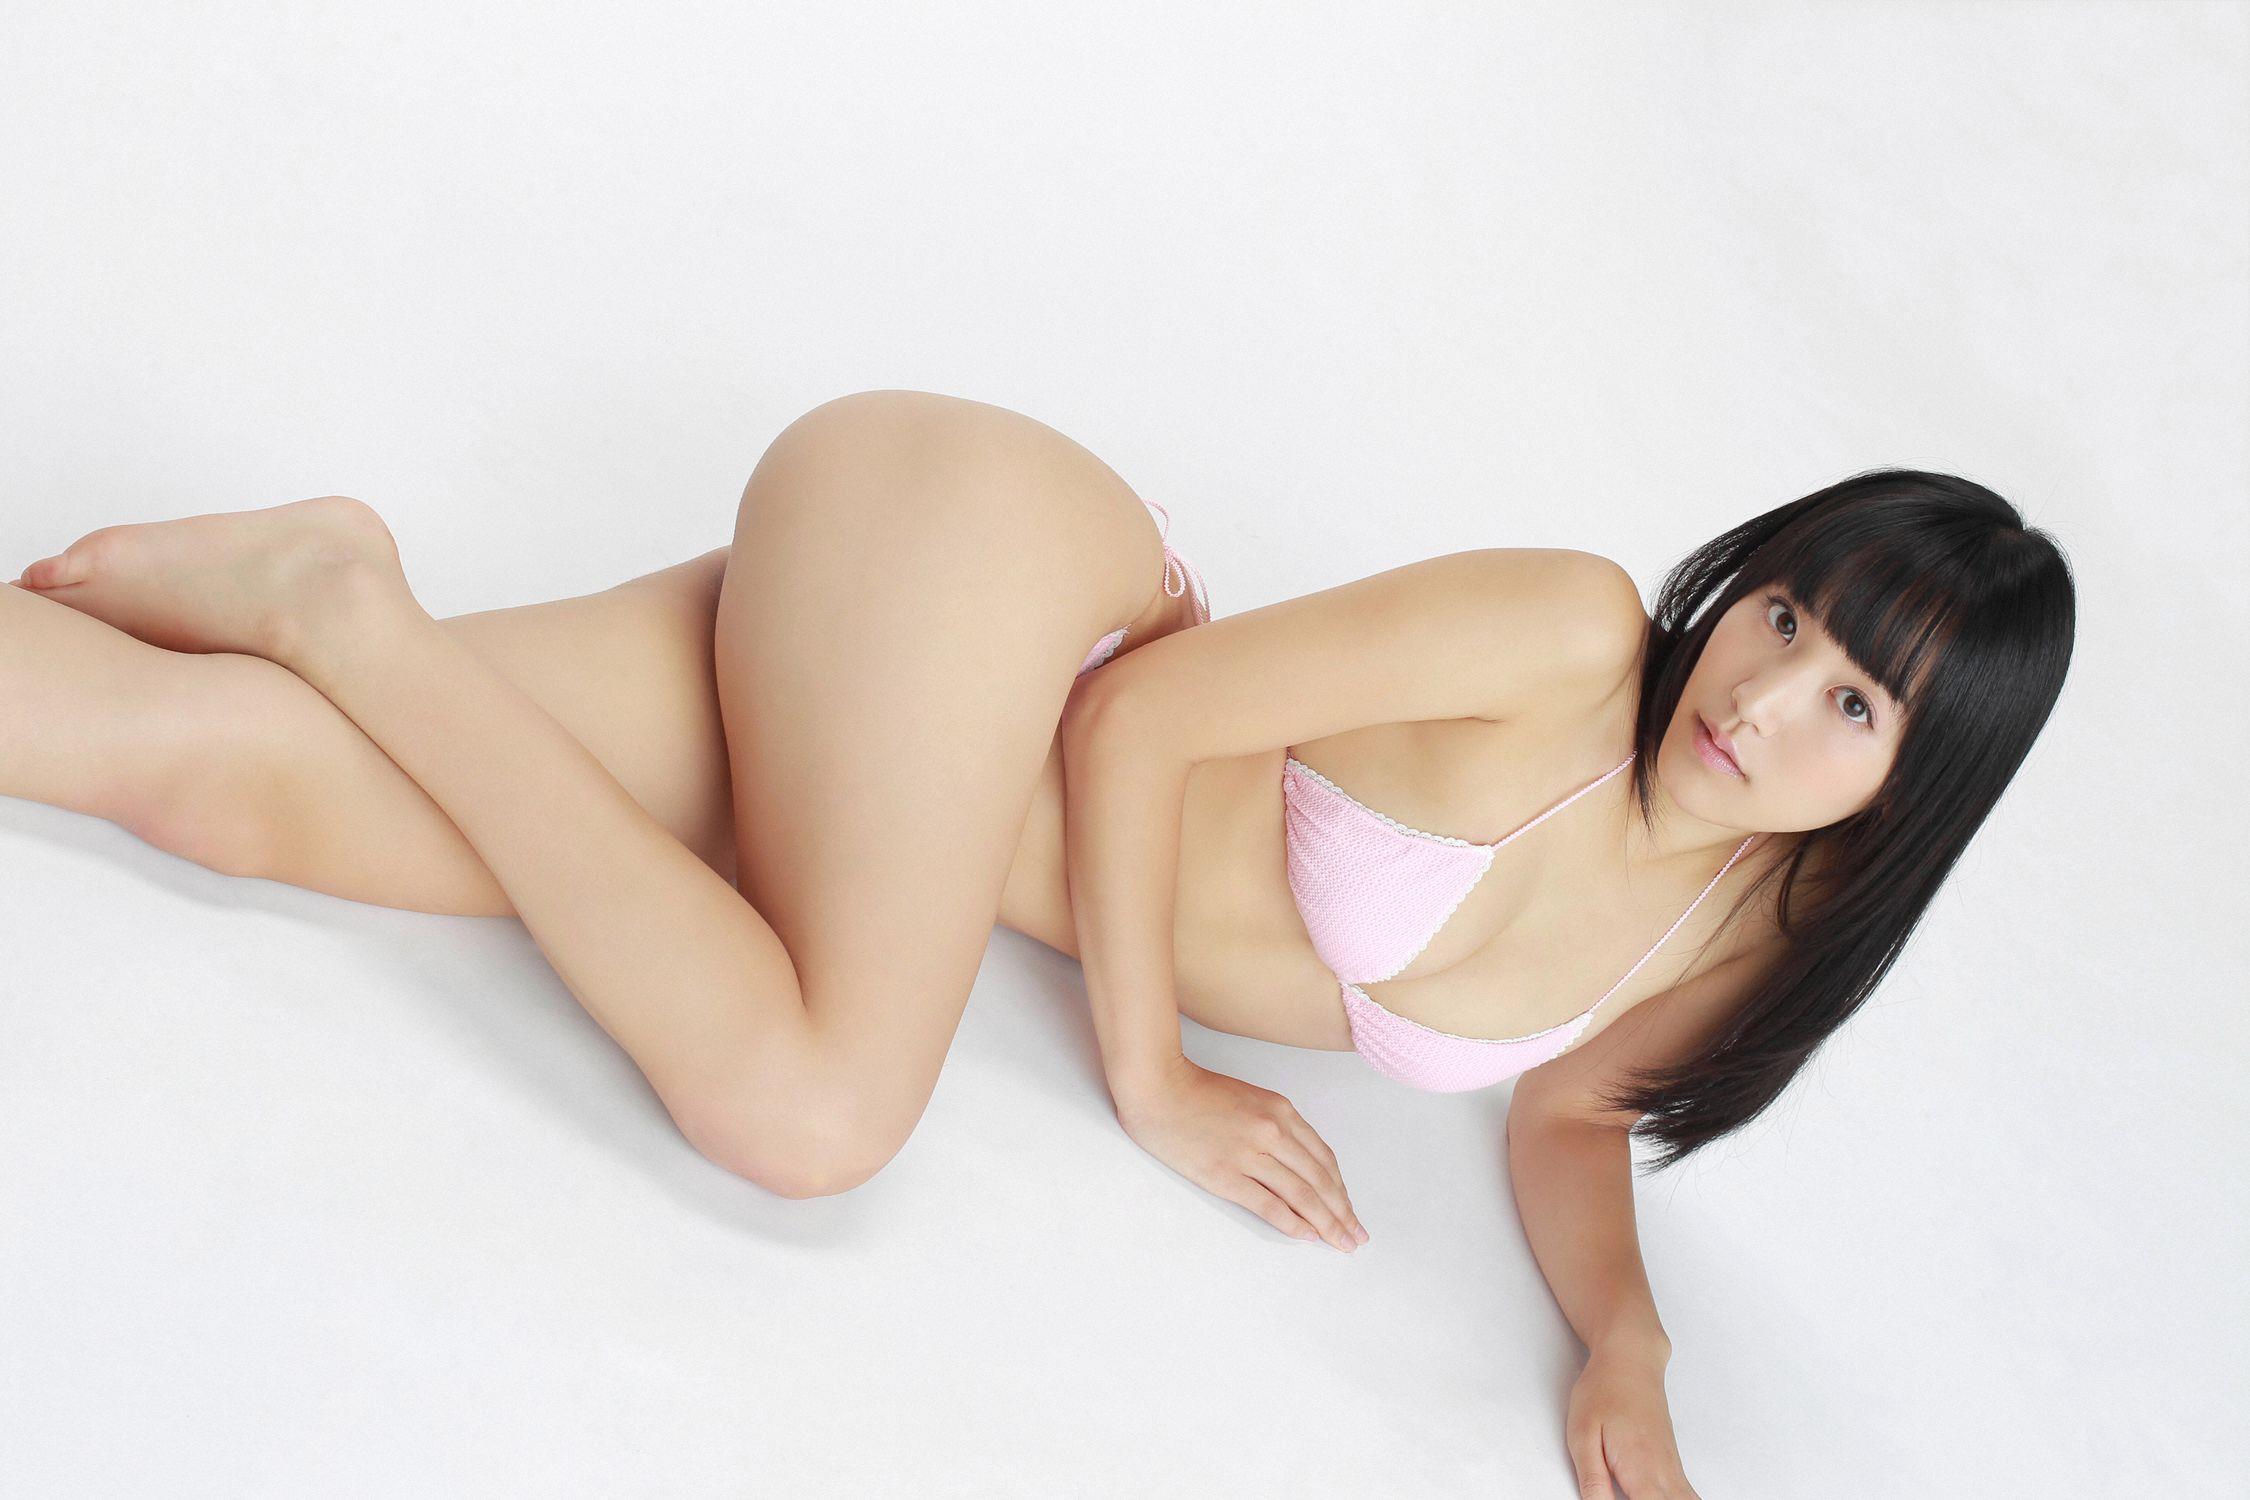 浜田由梨 画像 39